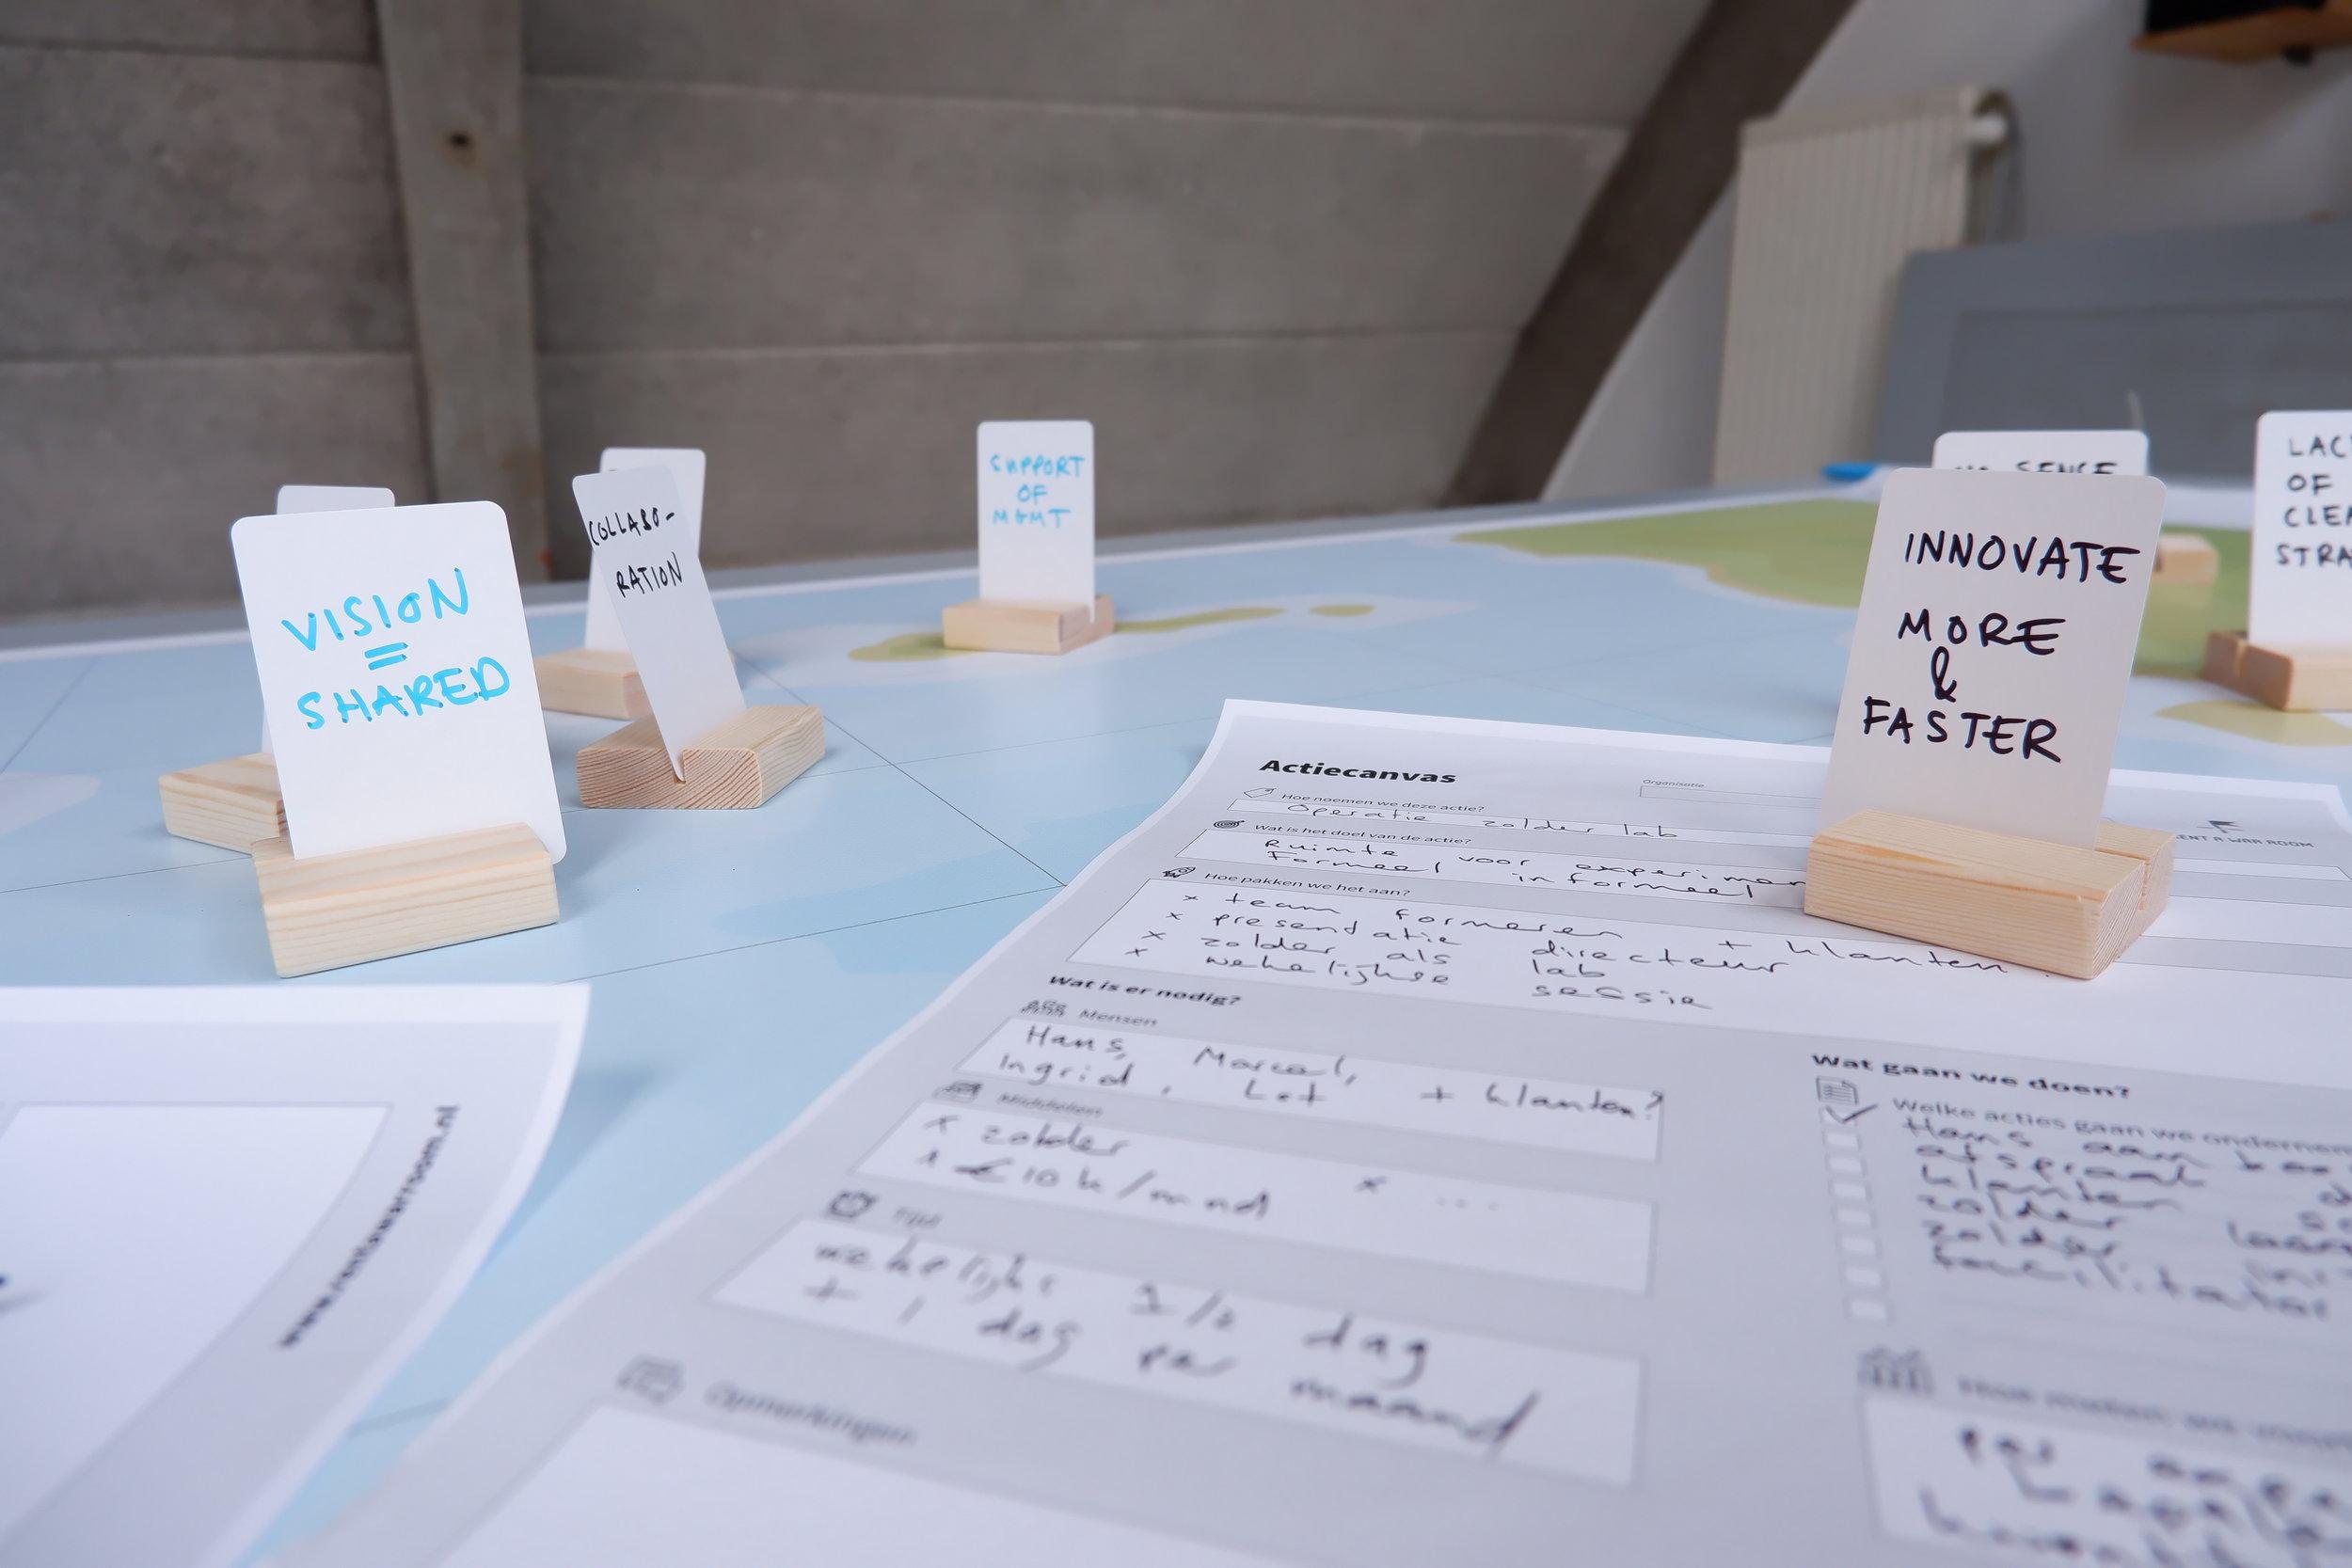 De StrategyMap sessie resulteert in één of meerdere Actiecanvassen, waar mensen na de sessie mee aan de slag kunnen.